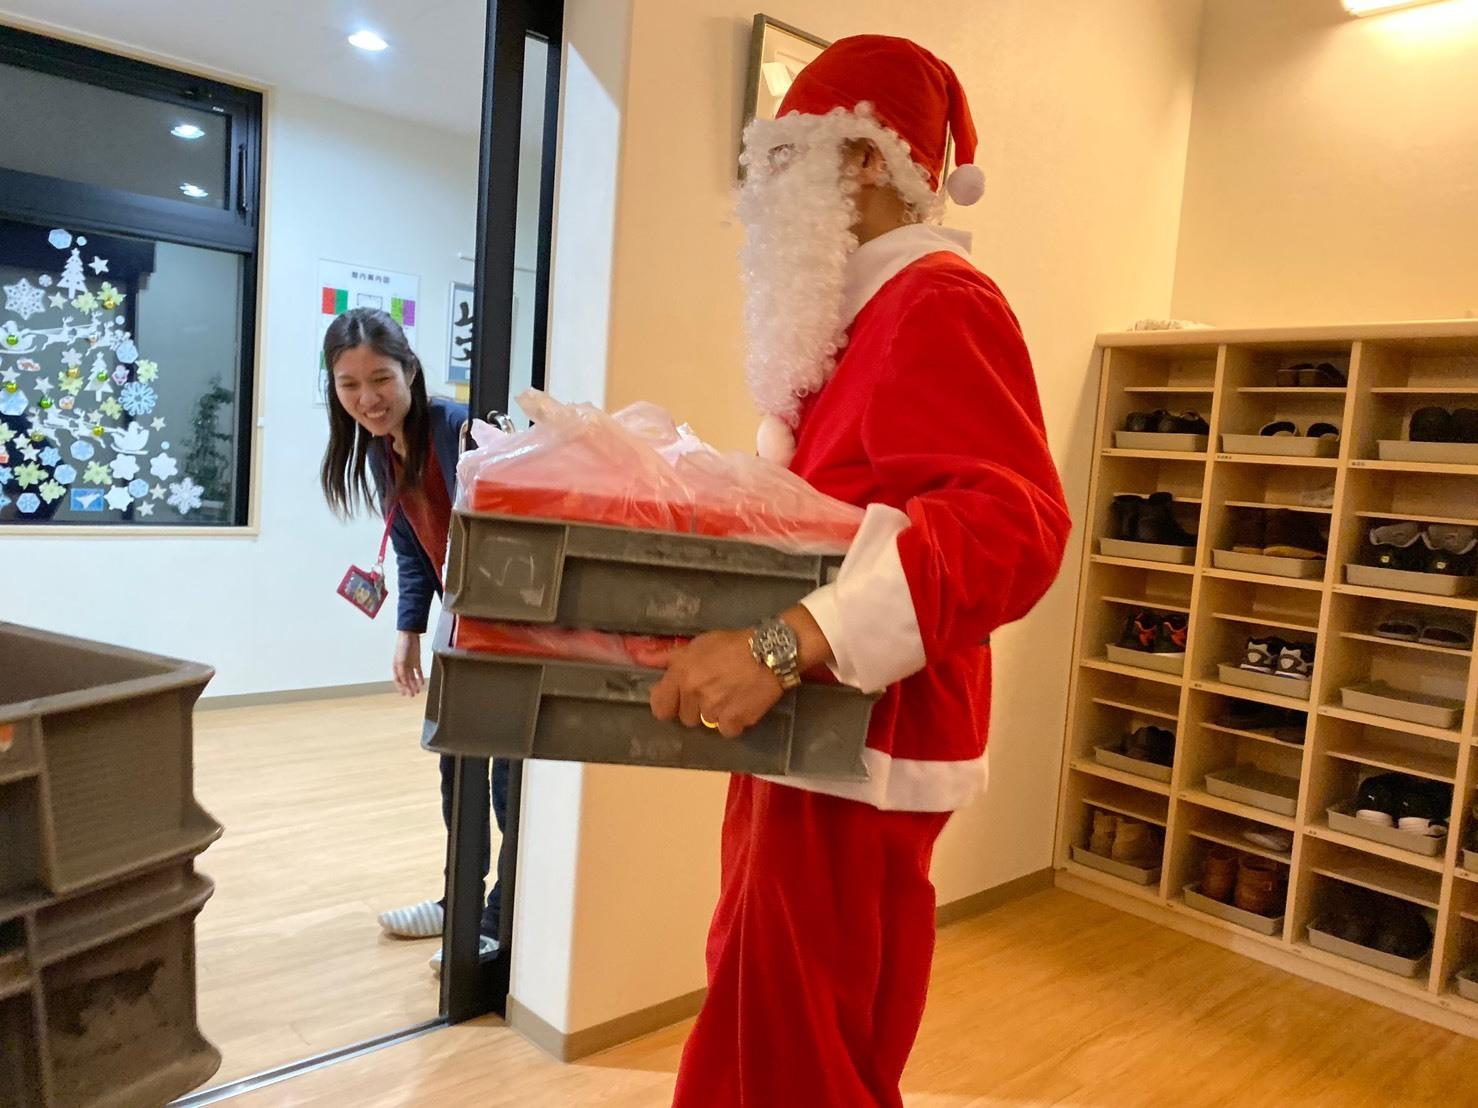 メリークリスマス(^^♪TOMMYサンタも出動!!!G社様 納車(^^)/ エスカレード、ハマー、ハイエース_b0127002_18192287.jpg